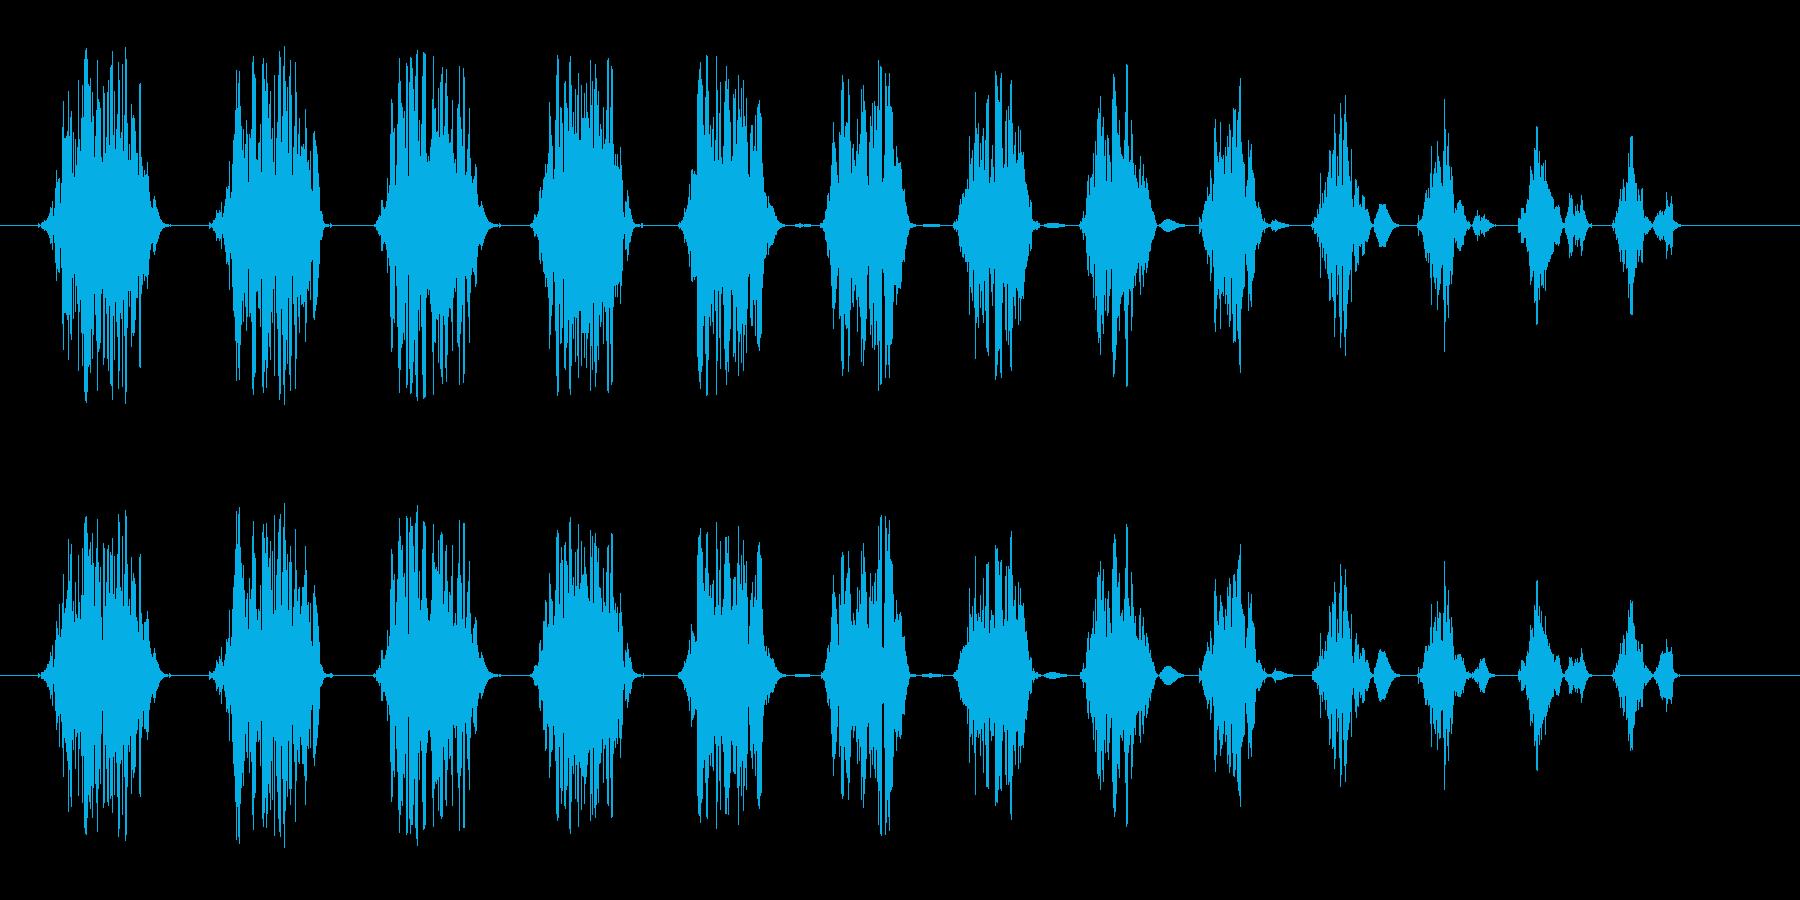 シュワンシュワン(回転する音)の再生済みの波形